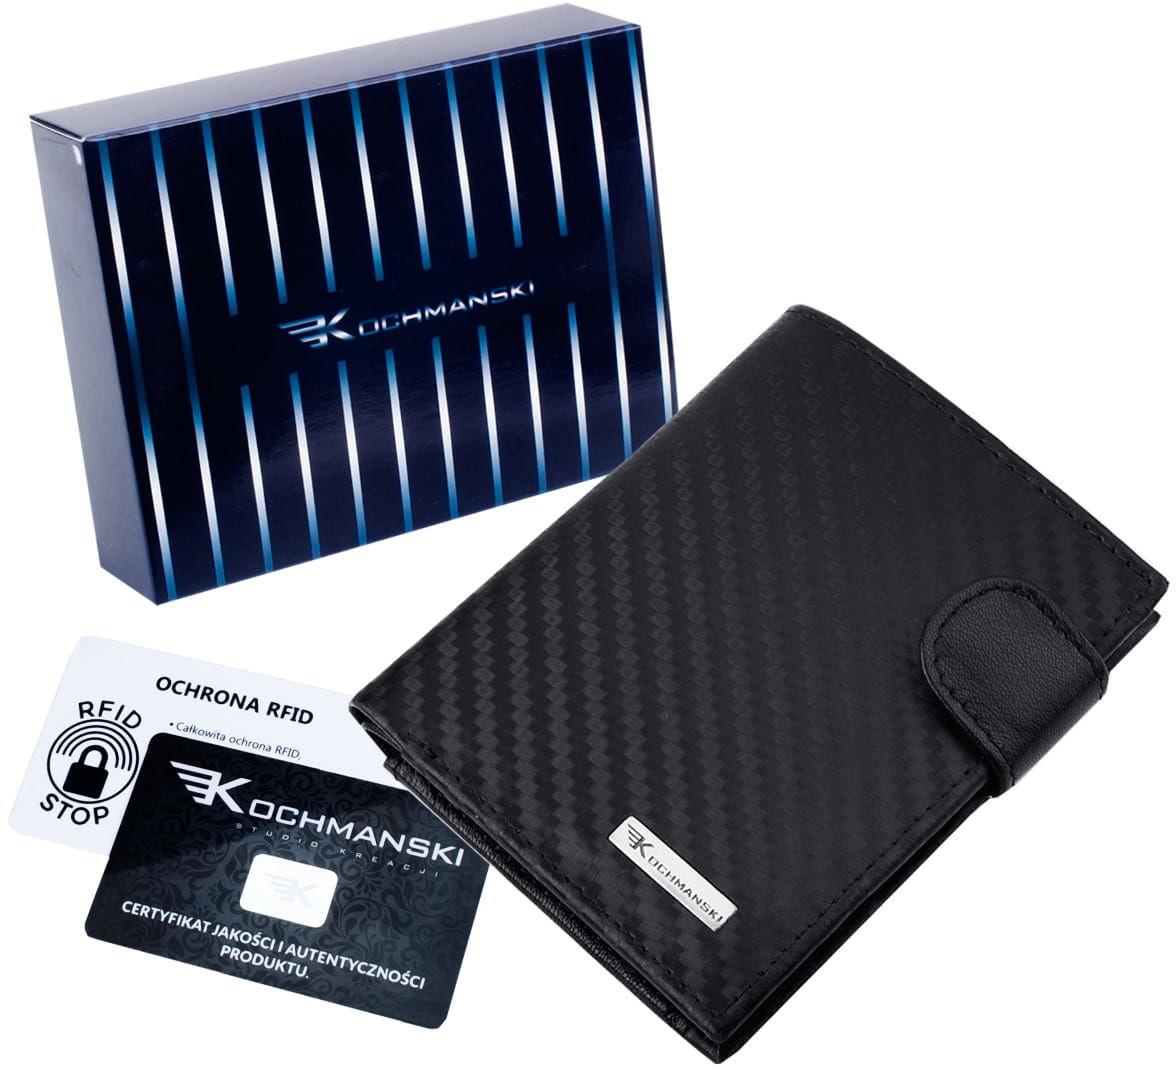 KOCHMANSKI mały, cienki skórzany portfel męski PREMIUM 3210